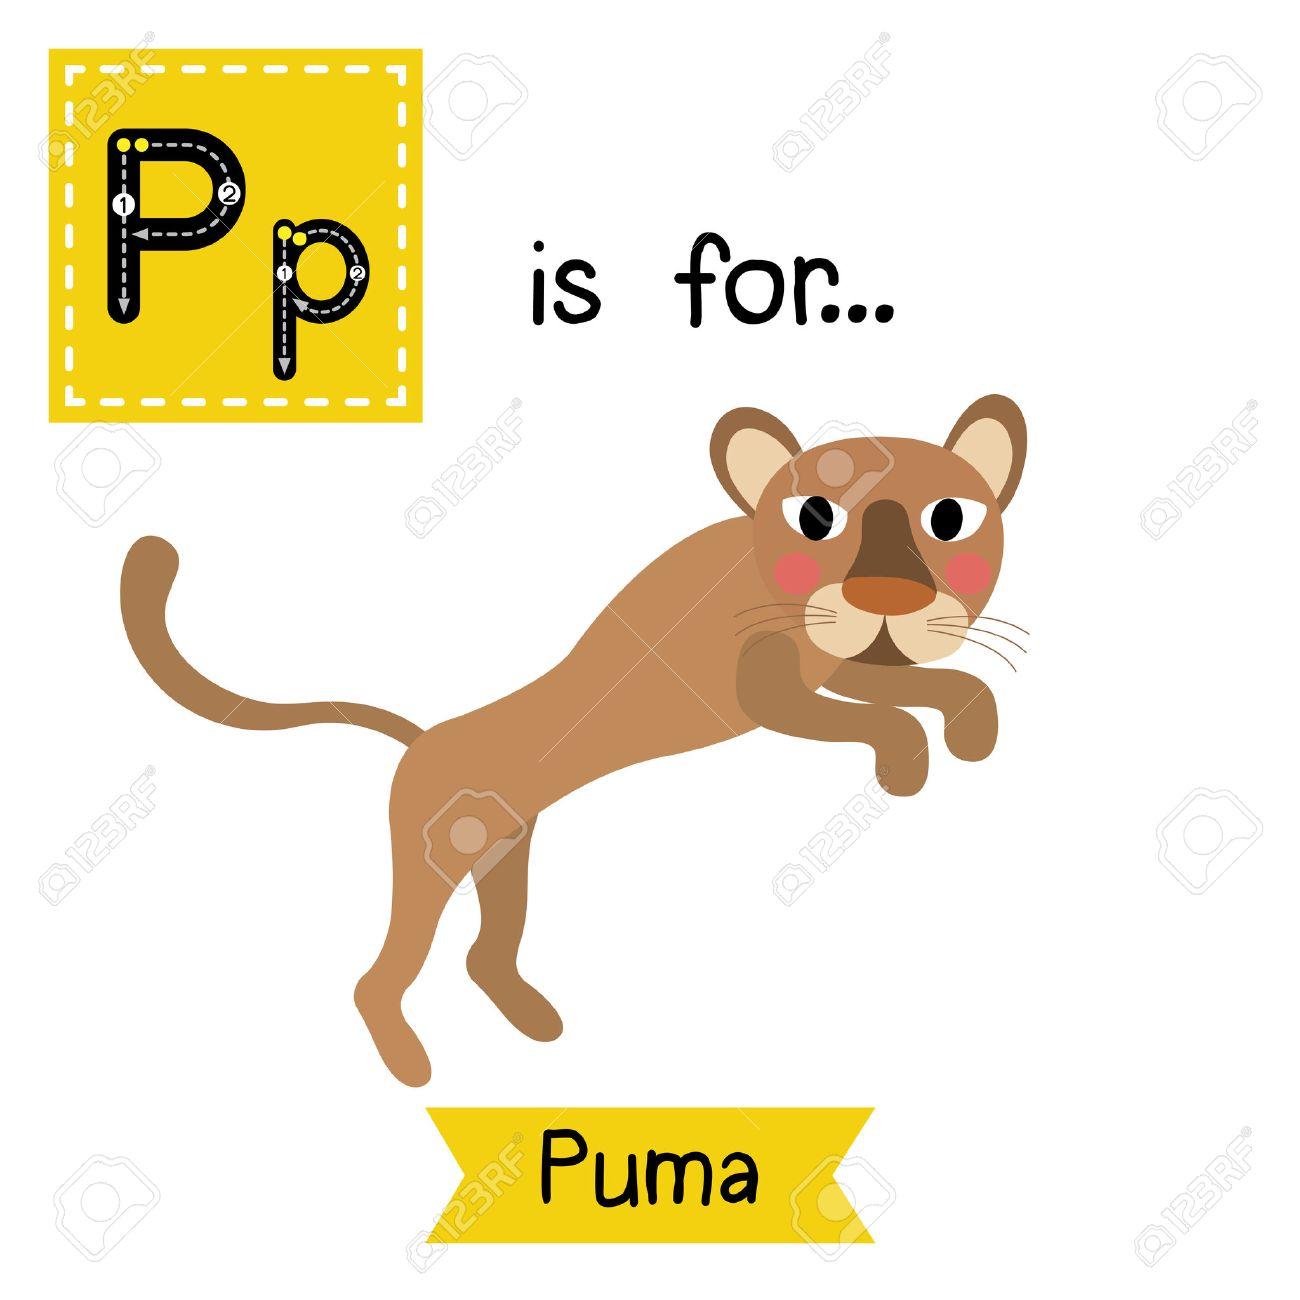 puma anglais